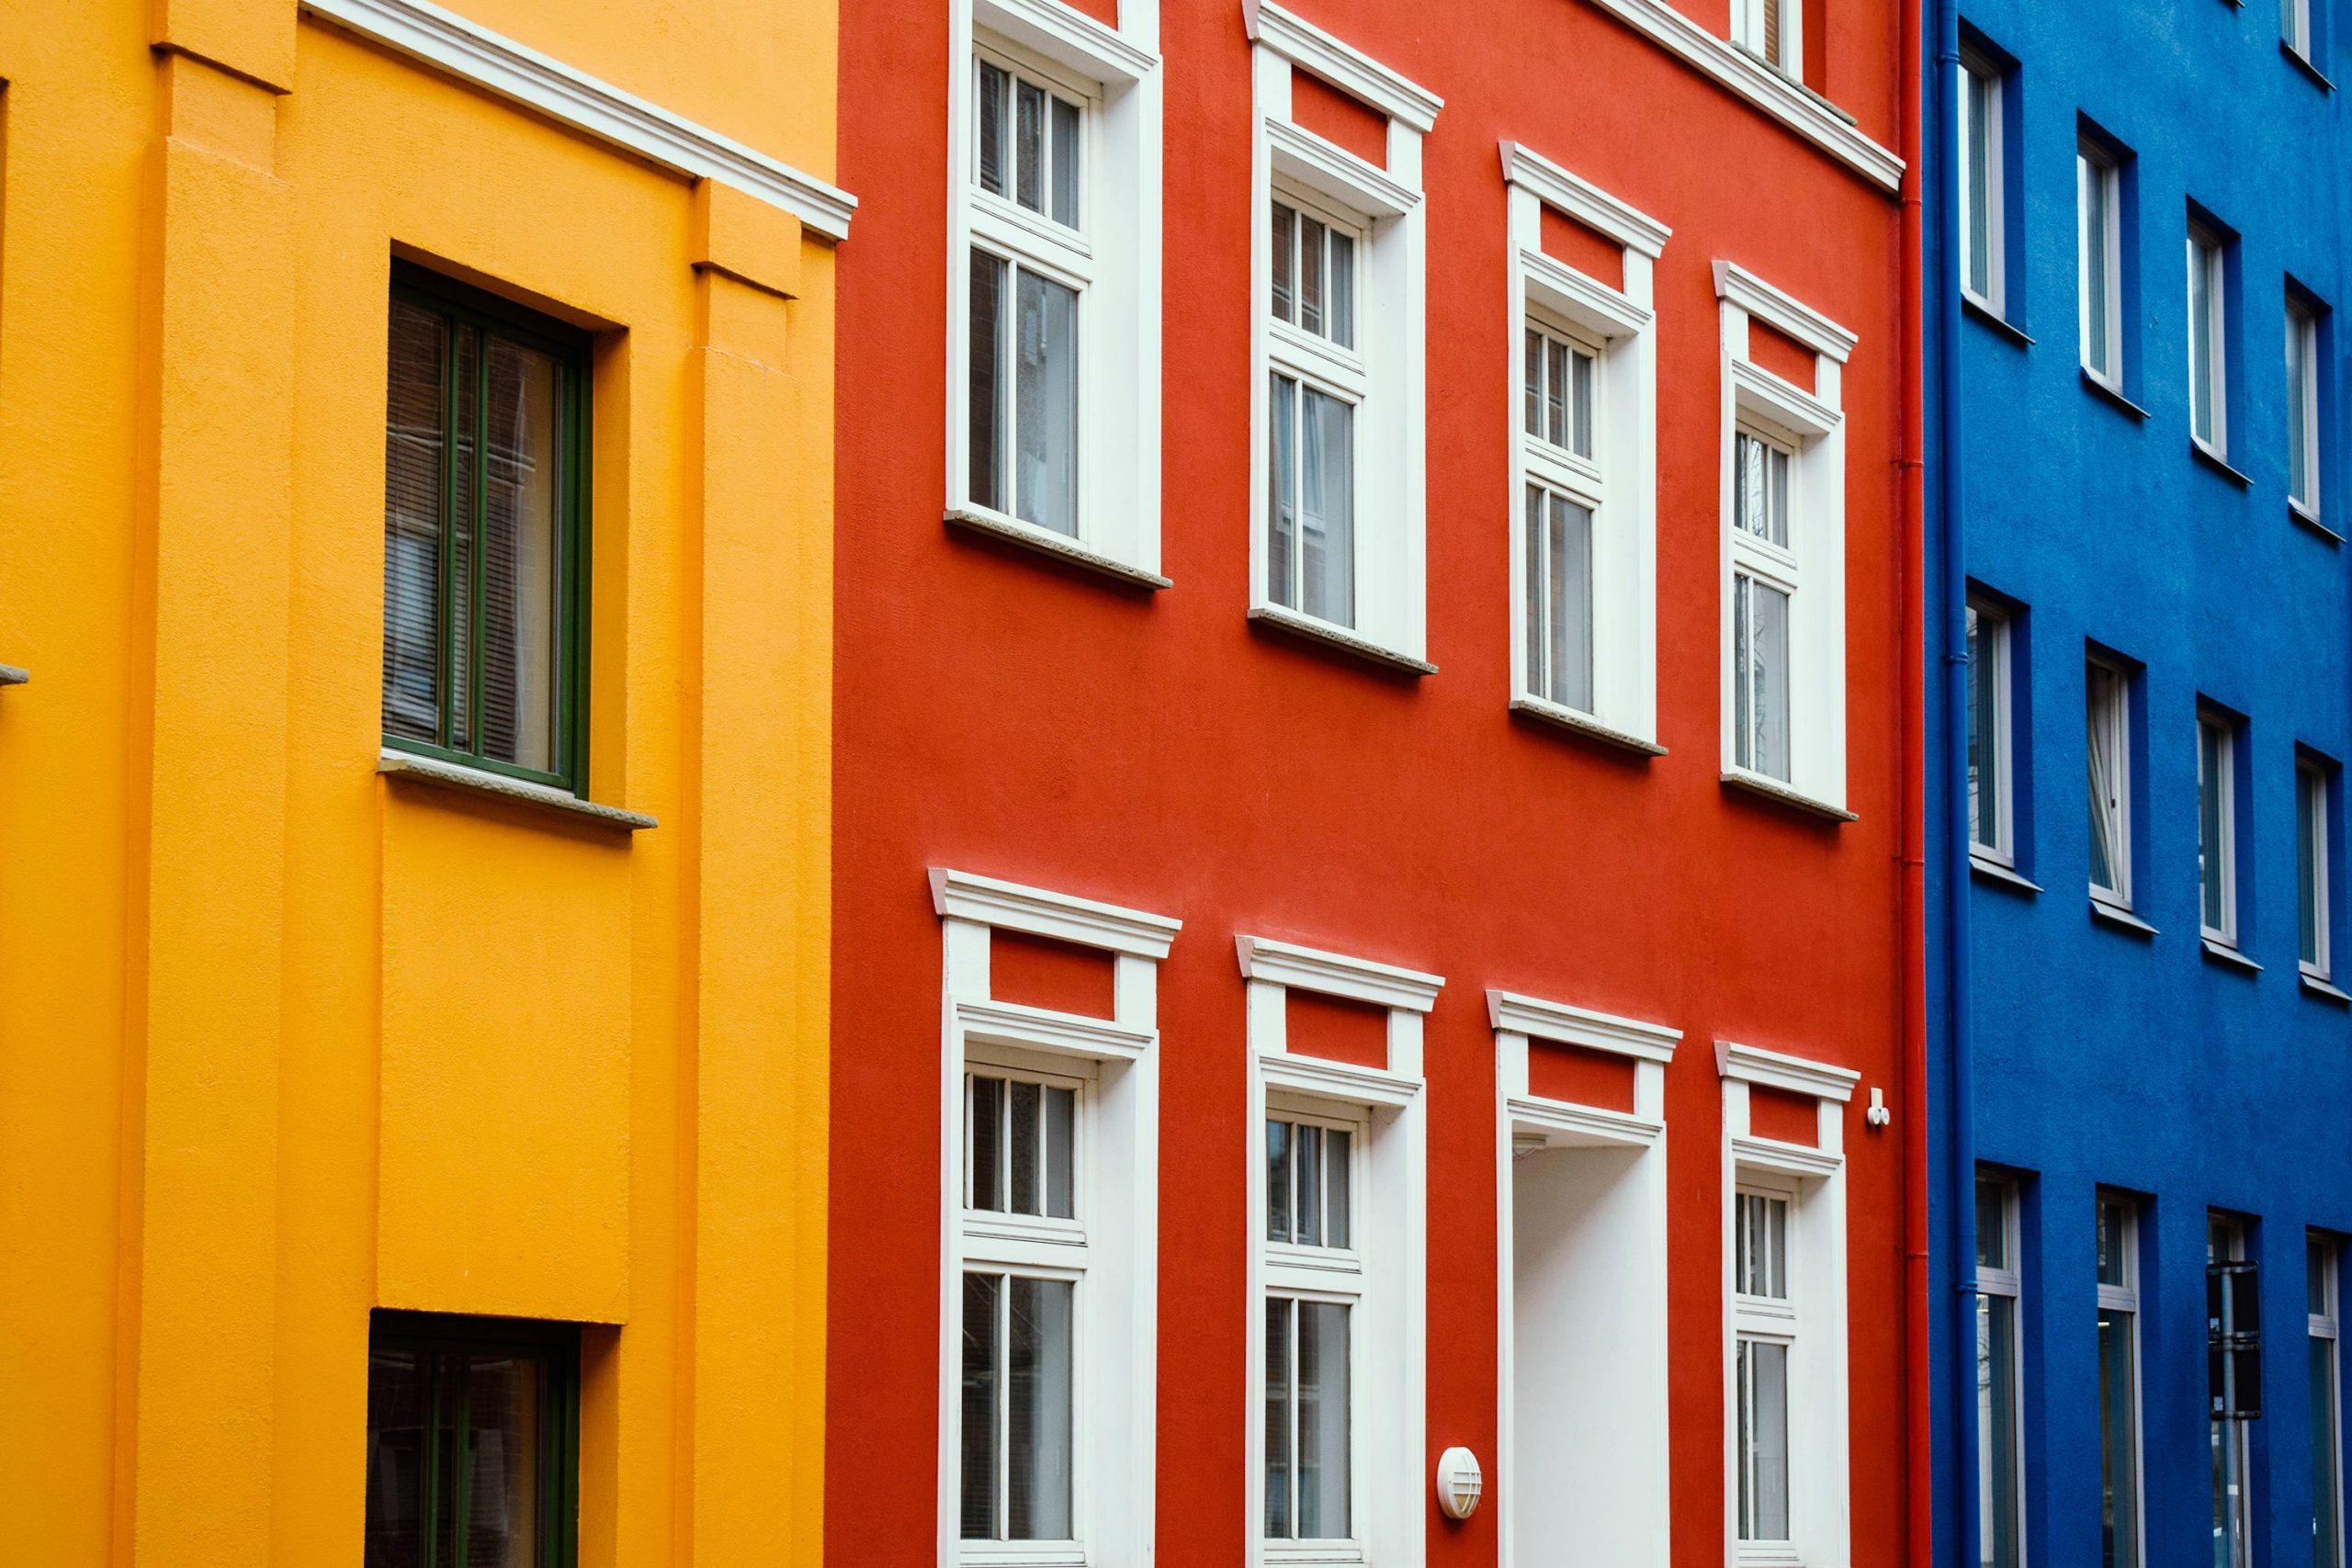 Cómo elegir los colores para pintar la fachada de tu casa